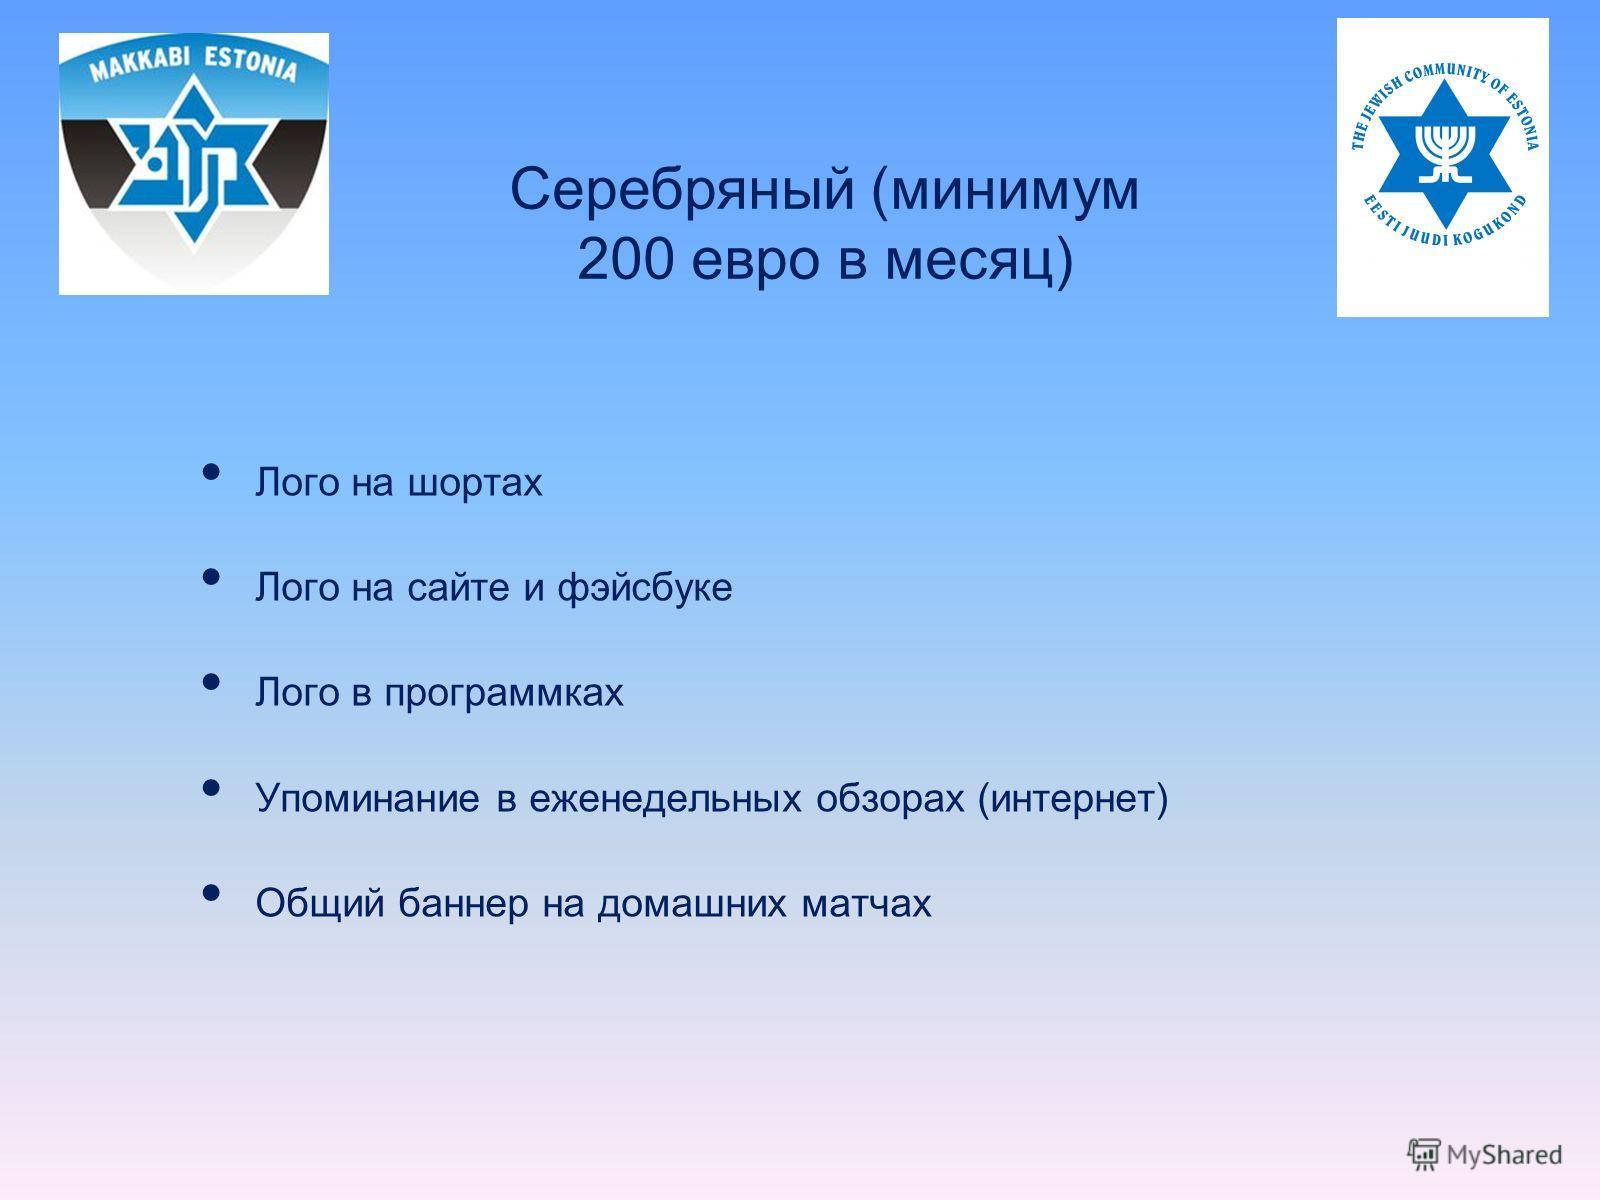 Лого на шортах Лого на сайте и фэйсбуке Лого в программках Упоминание в еженедельных обзорах (интернет) Общий баннер на домашних матчах Серебряный (минимум 200 евро в месяц)